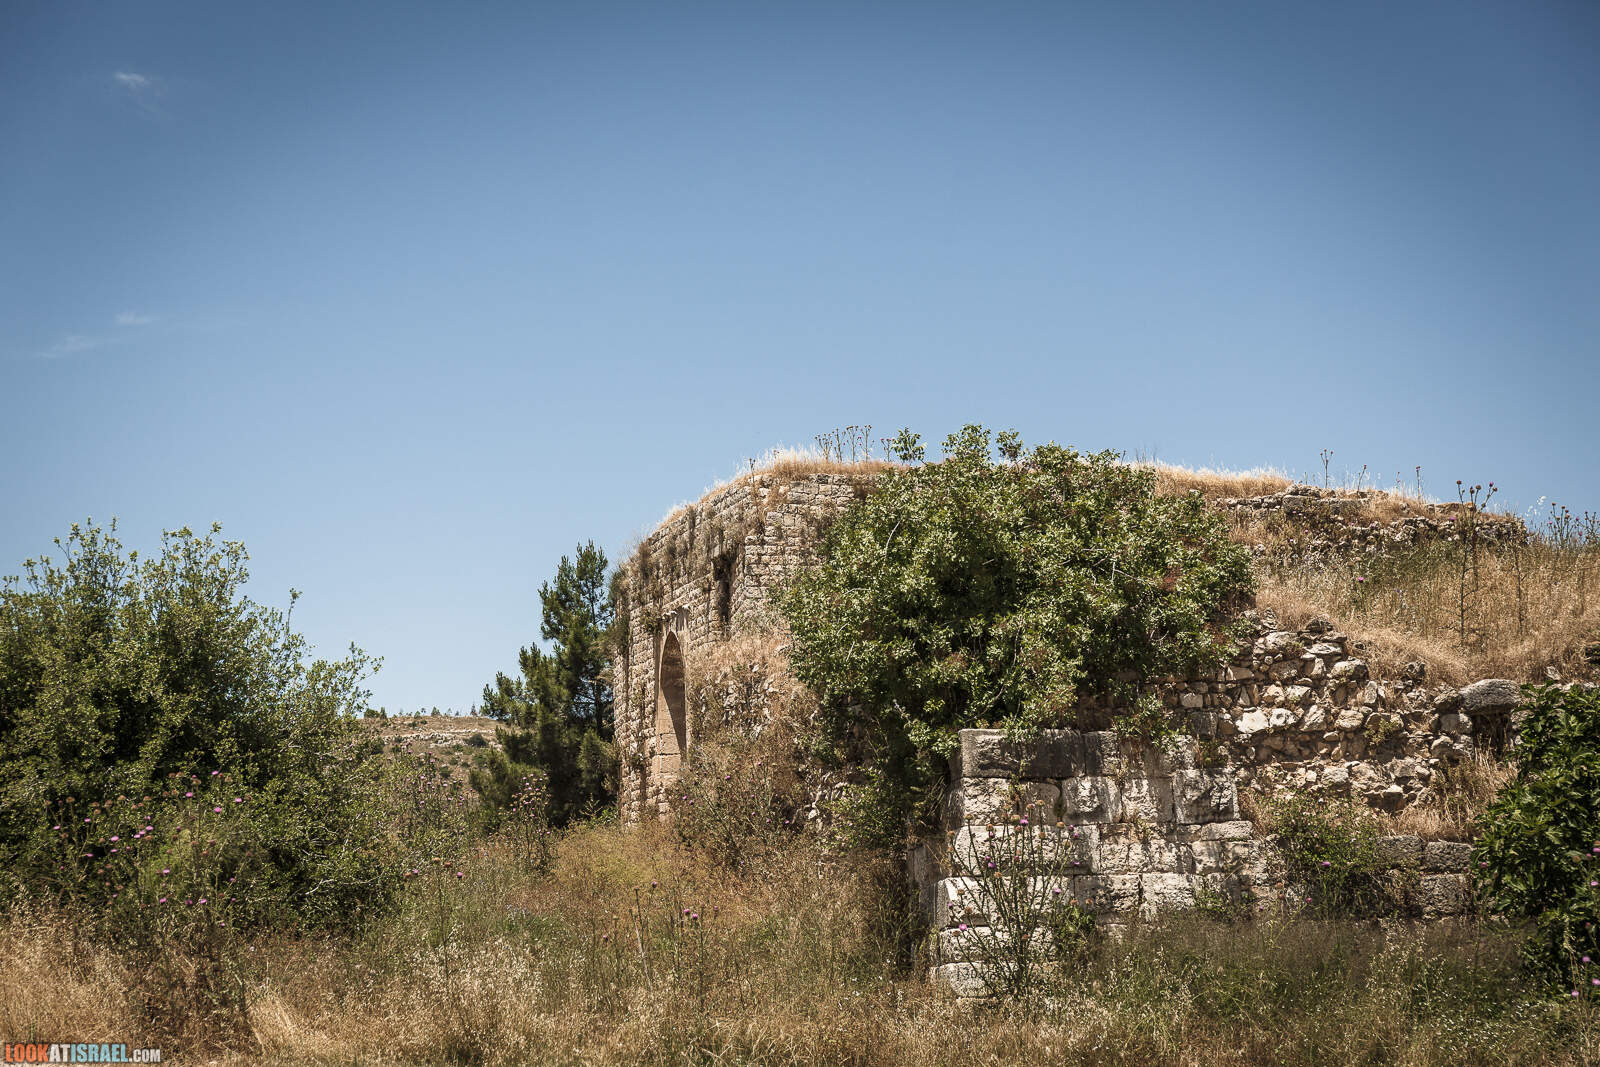 Крепость Хунин (хонин) Шато Неф в Израиле | שטו נף מצודד הונין | LookAtIsrael.com - Фото путешествия по Израилю